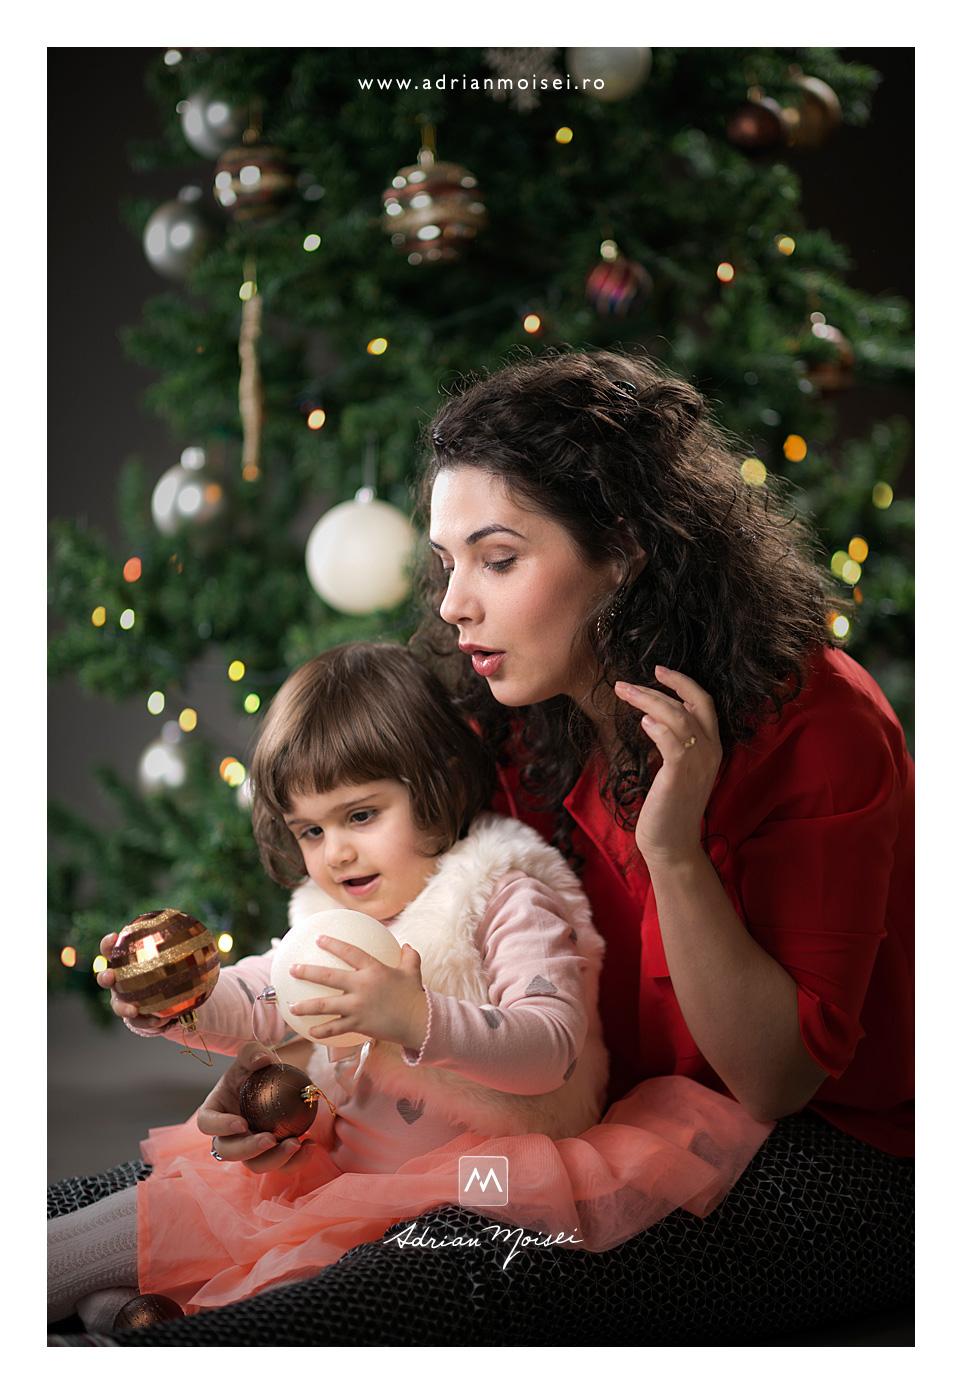 Fetita vesela jucandu-se cu globurile - Sesiune foto de Crăciun, fotografie de familie, Adrian Moisei fotograf Iași, fotograf de familie Iași